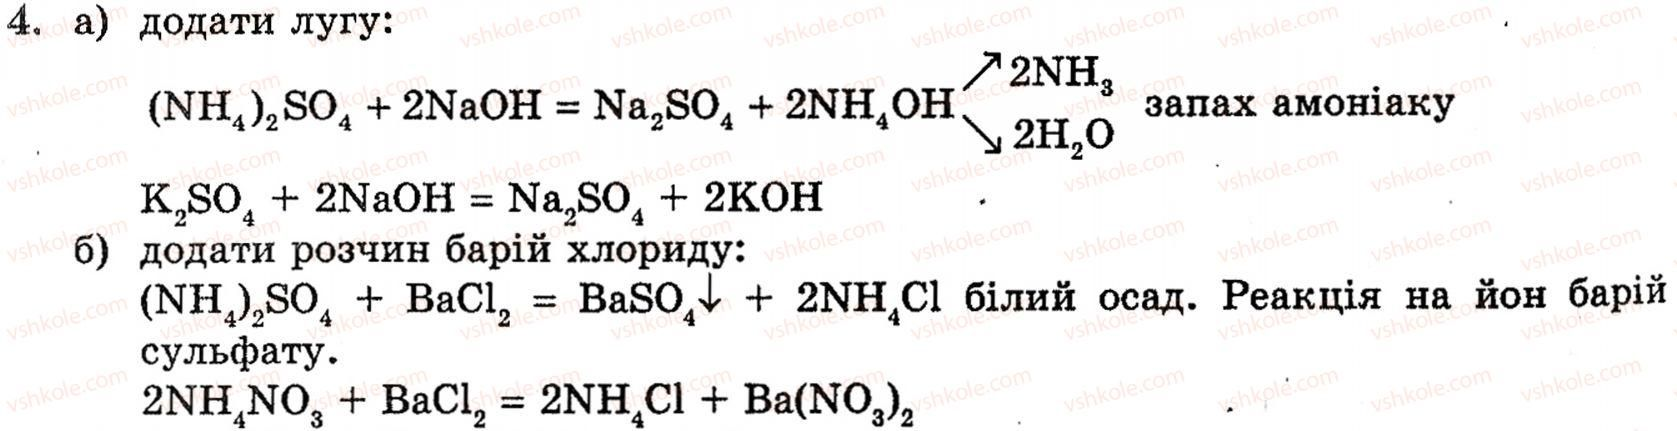 Гдз химии 10 класс попель крикля